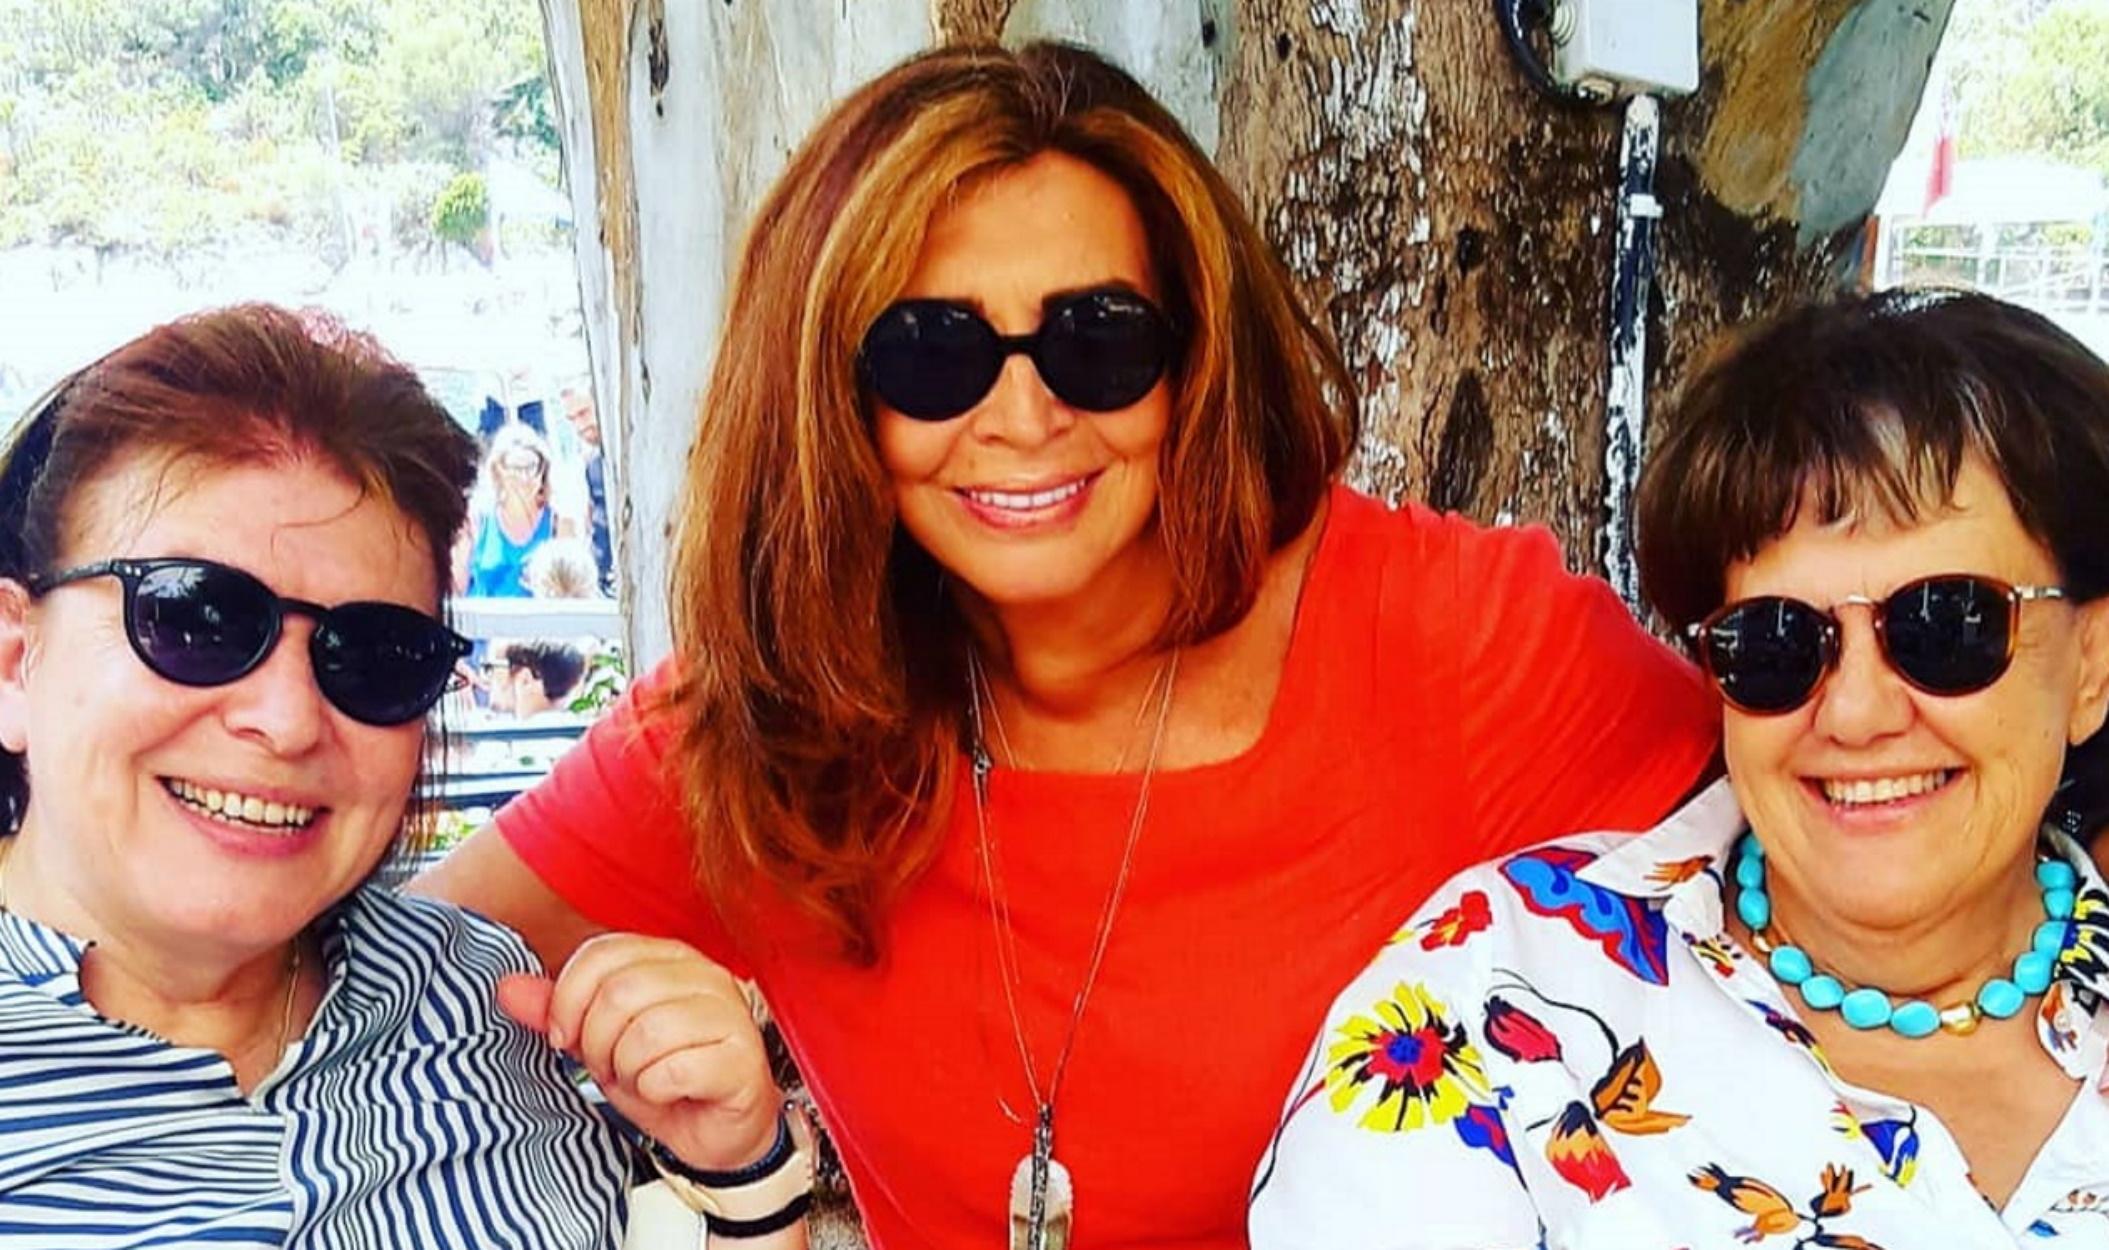 Η φωτογραφία της Μιμής Ντενίση με την Λίνα Μενδώνη και την Άννα Παναγιωταρέα